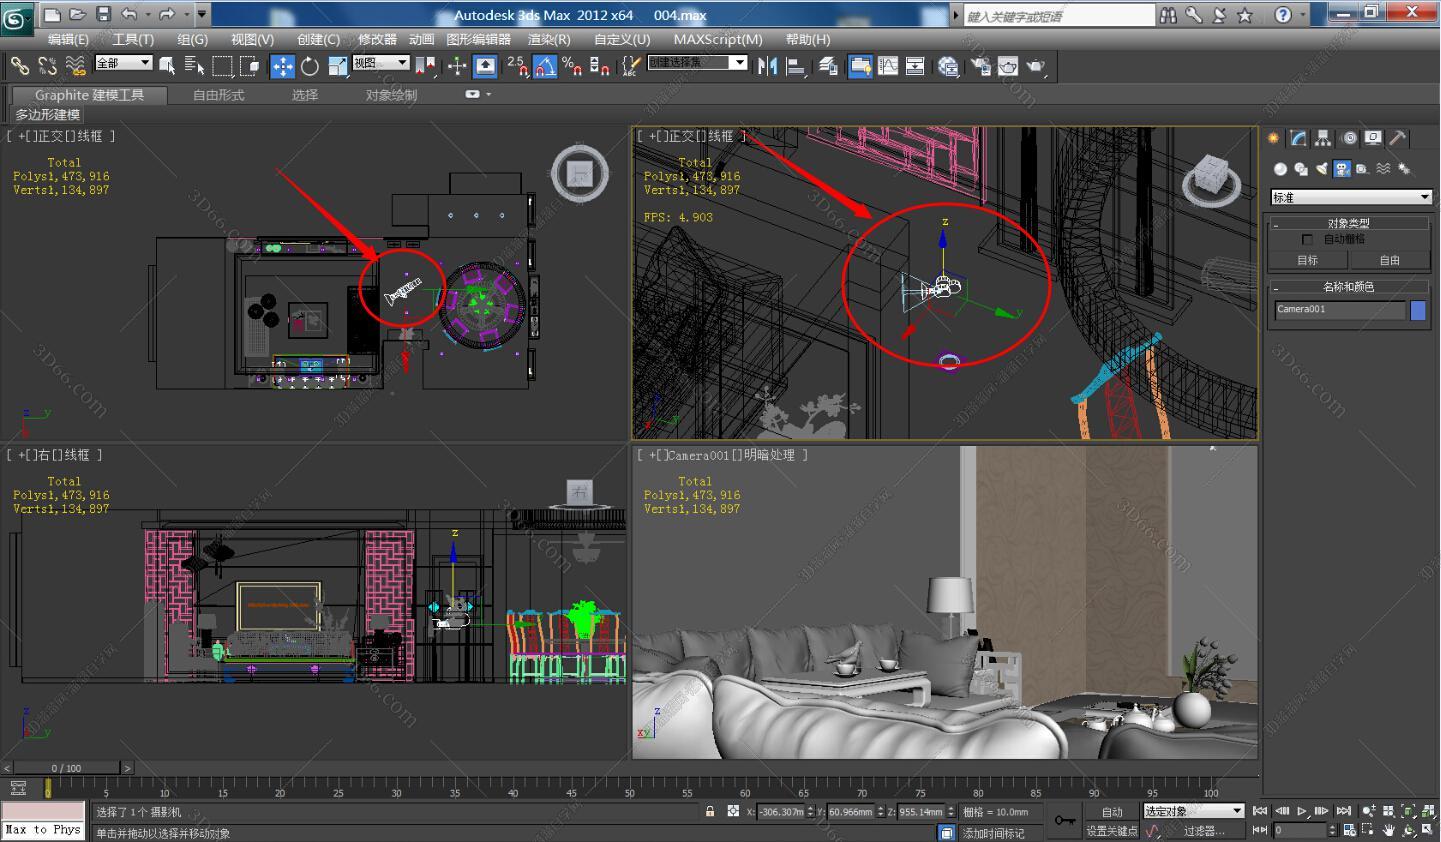 3dmax怎么渲染全景图,如何使用vray渲染制作360度全景图?-羽兔网问答